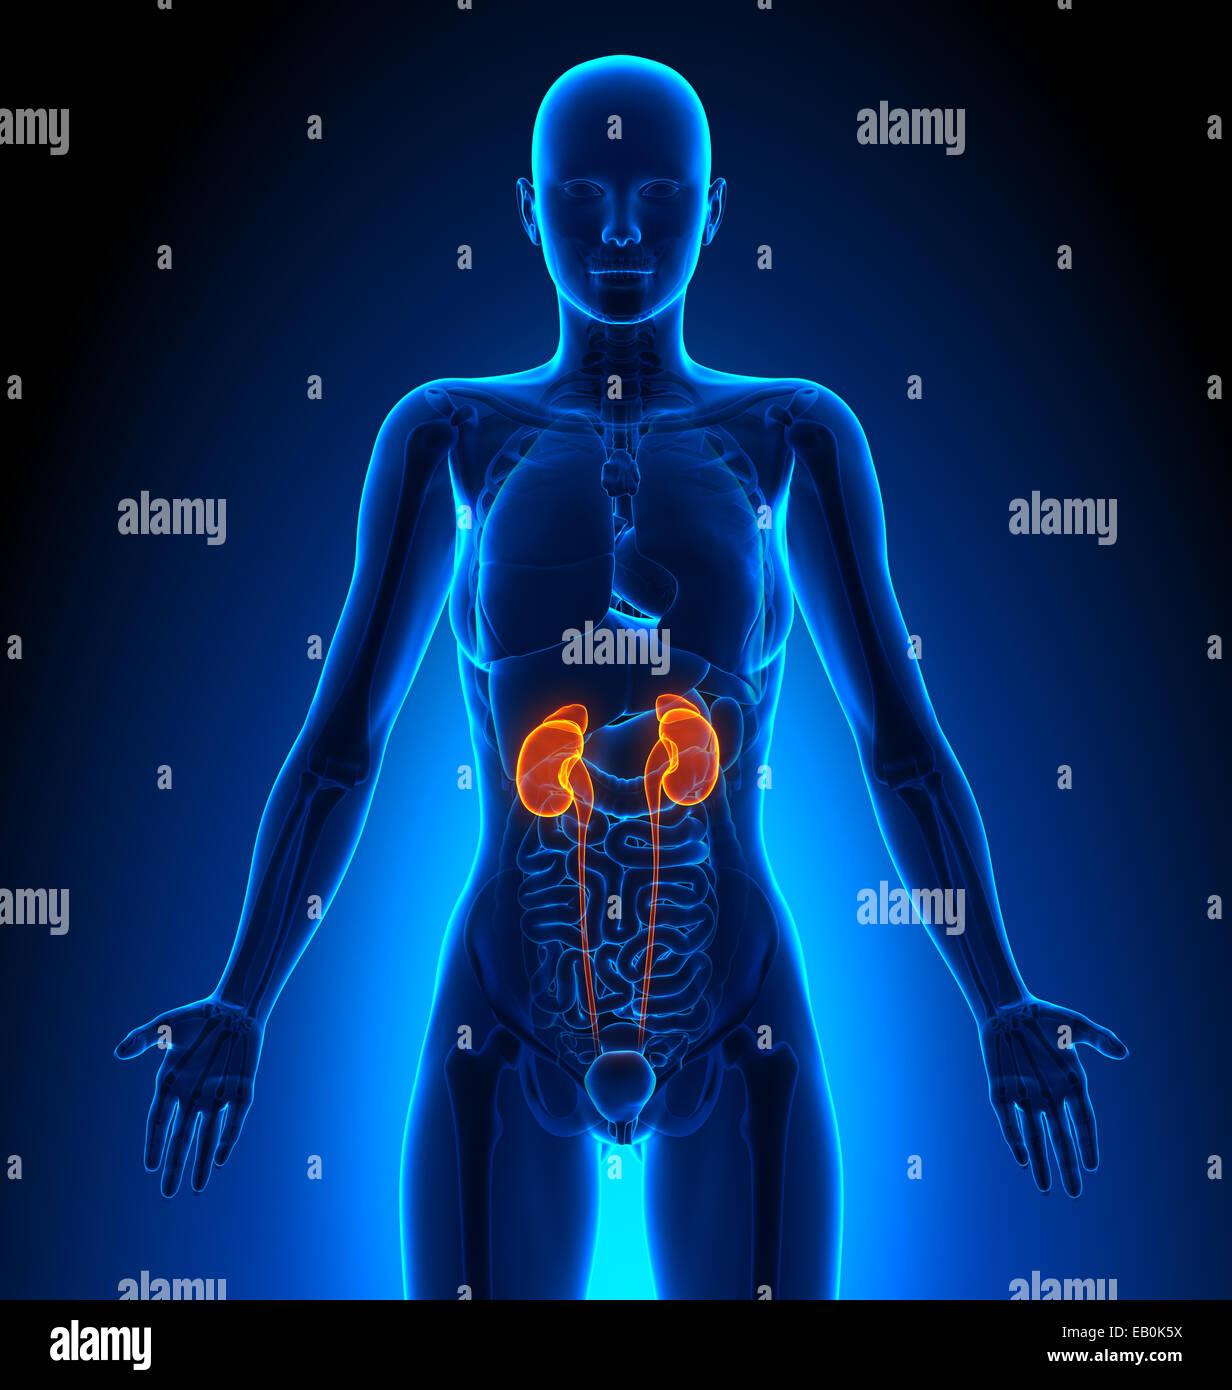 Nieren - weiblichen Organe - Anatomie des Menschen Stockfoto, Bild ...